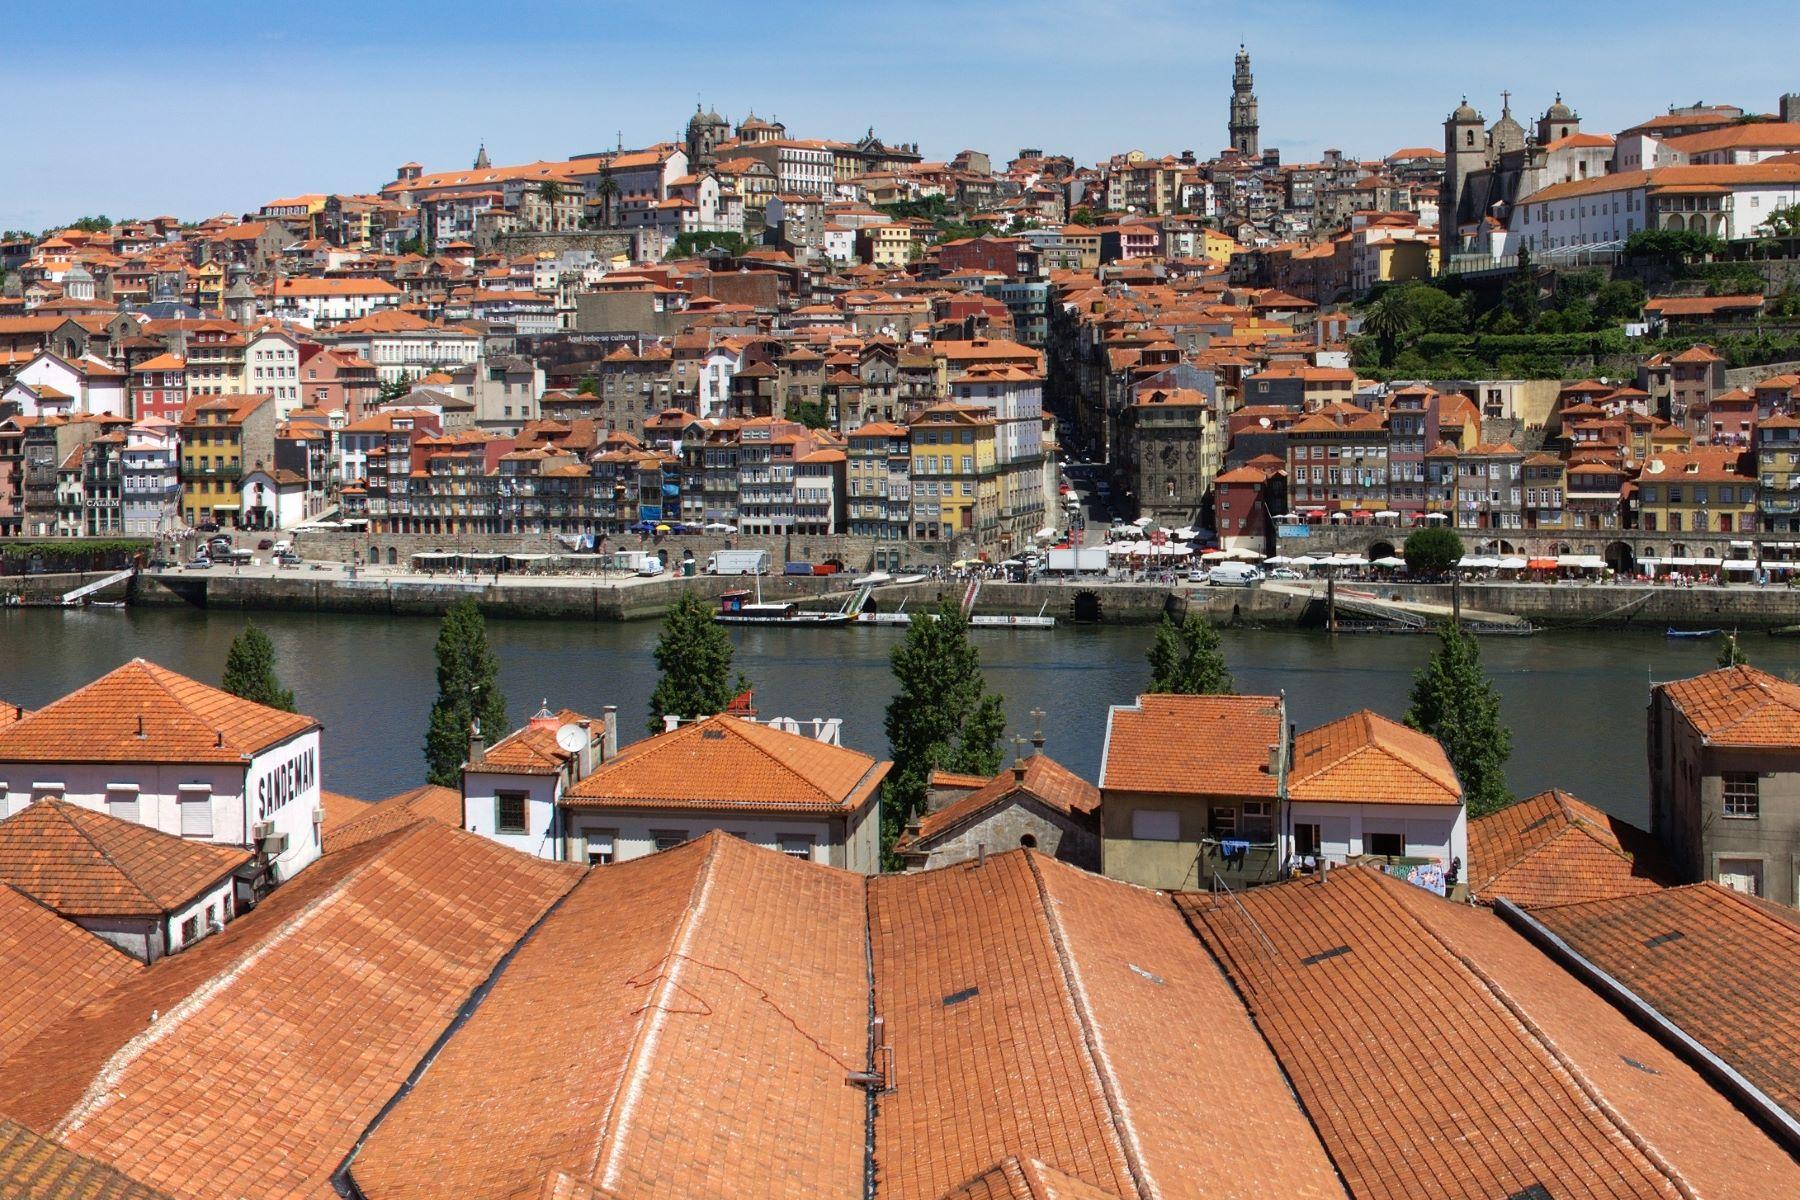 多户住宅 为 销售 在 Building for Sale Vila Nova De Gaia, 波尔图, 葡萄牙